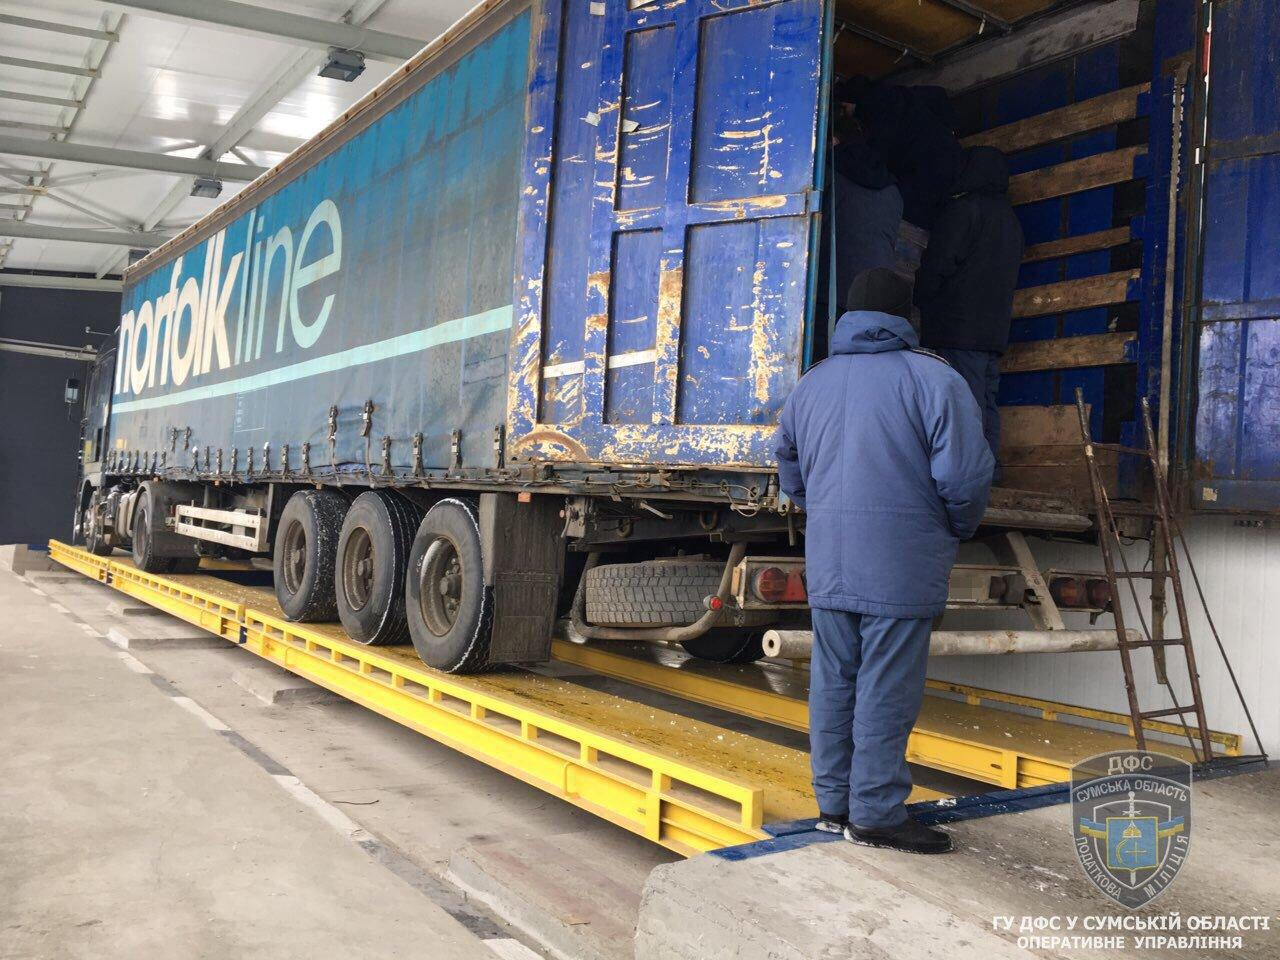 Налоговая милиция Сумщины обнаружила незаконных экспортеров продуктов питания в Россию, фото-3